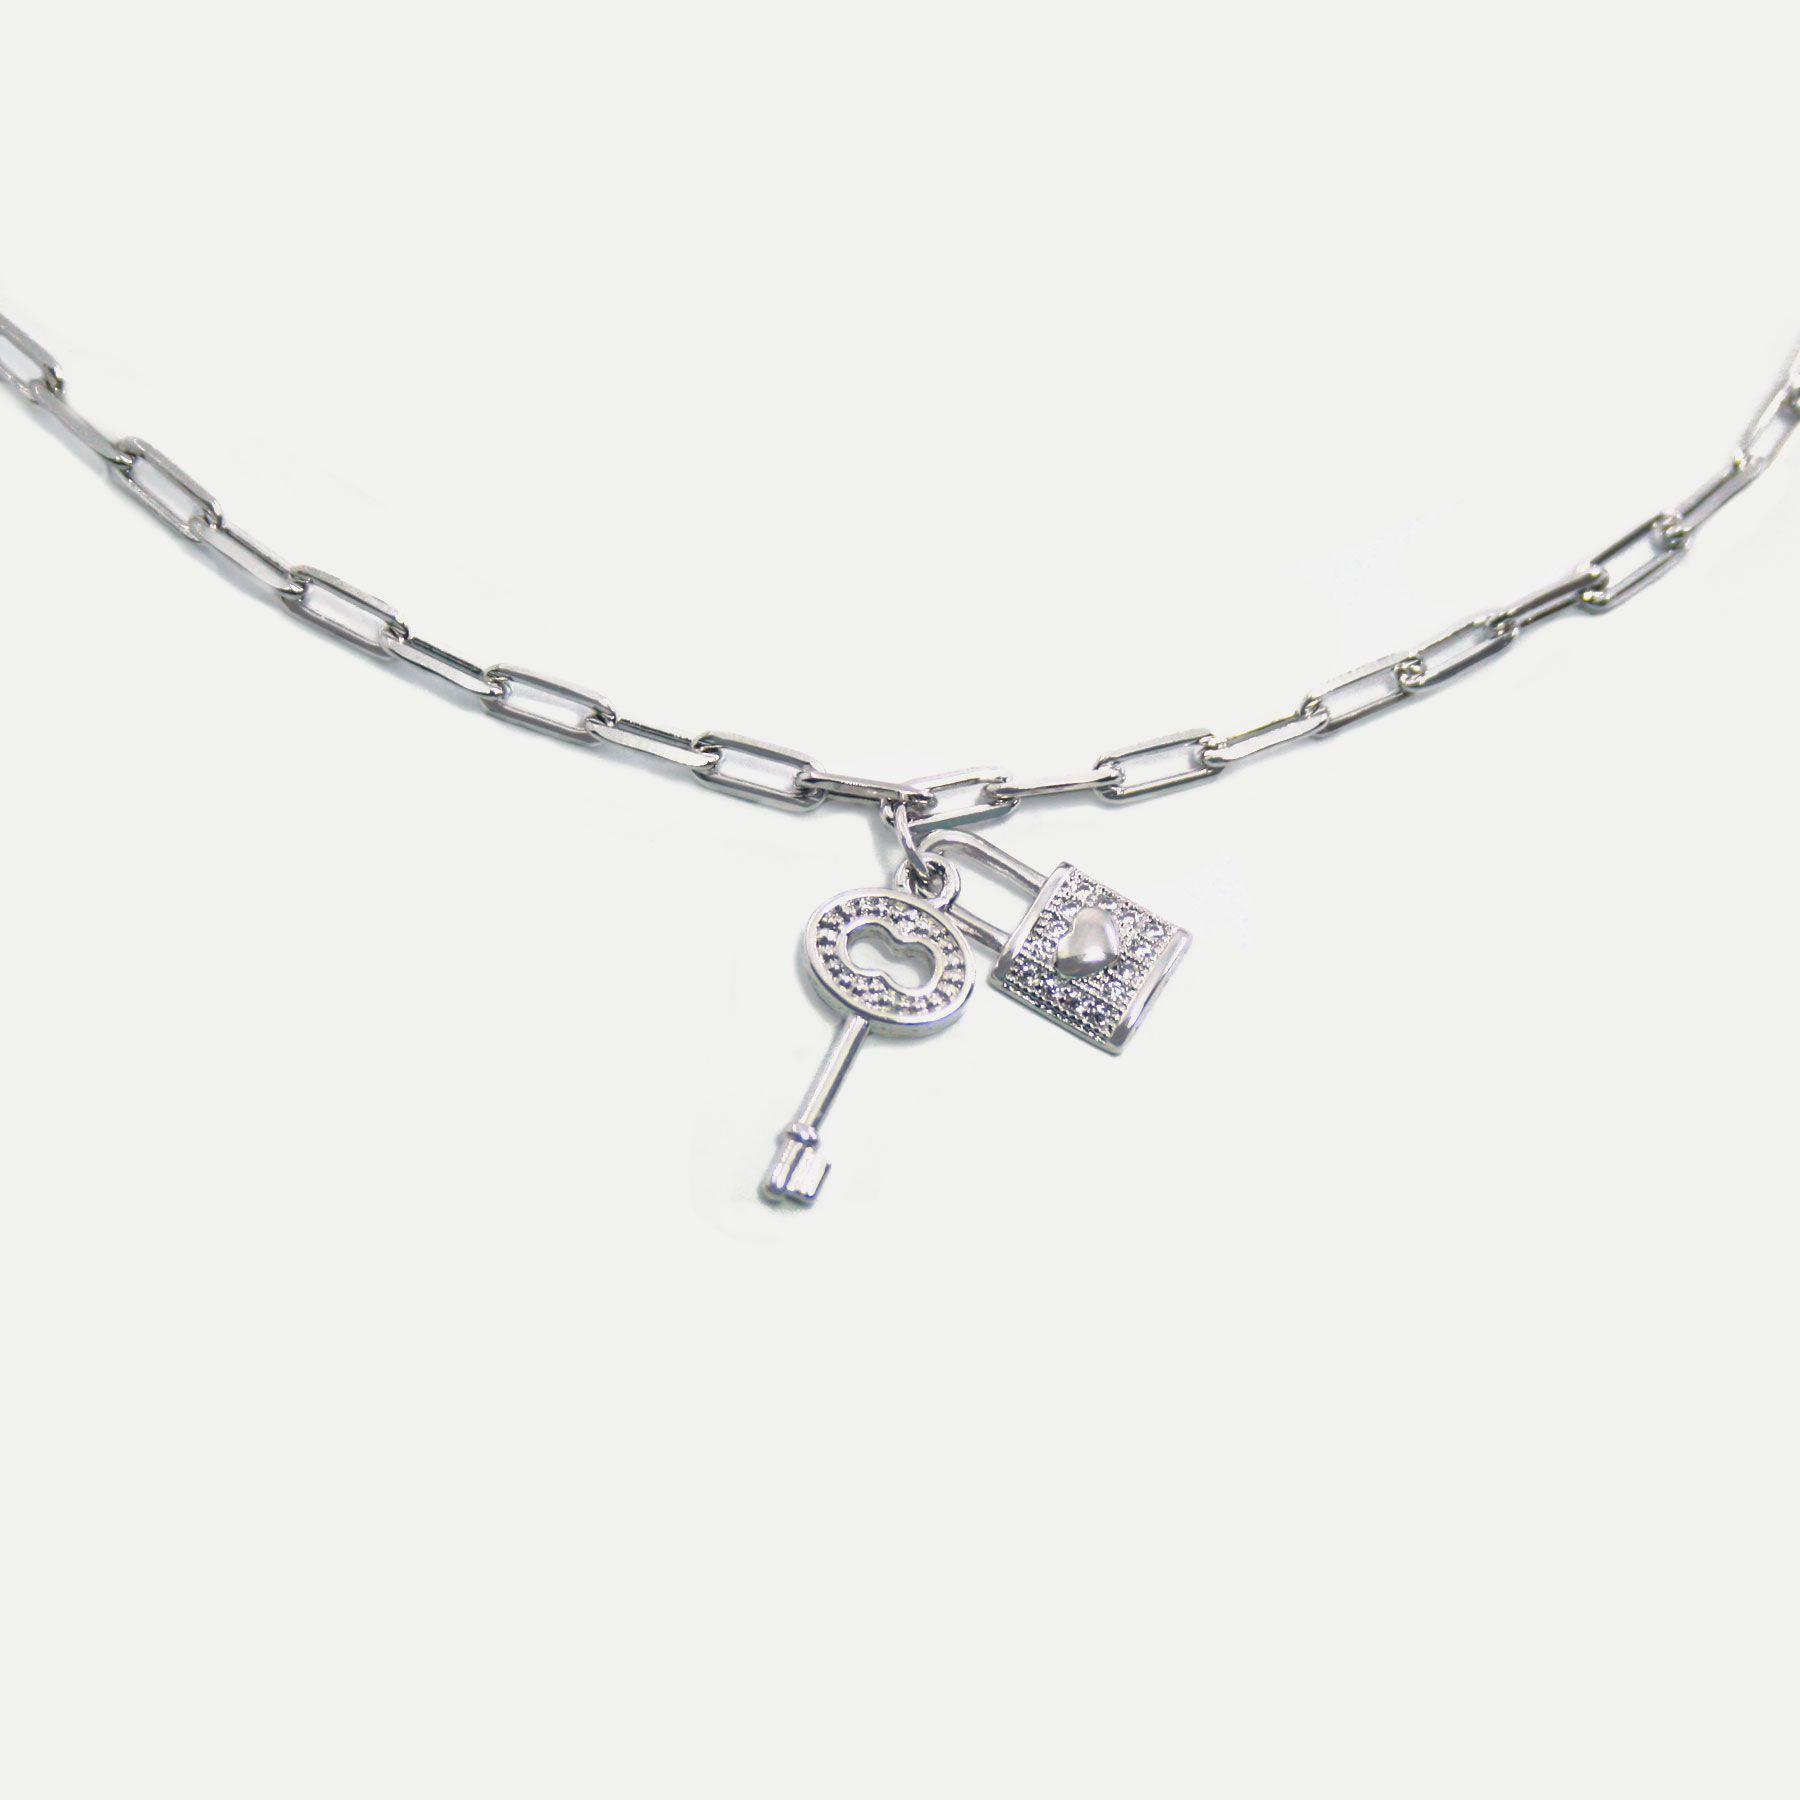 Colar Curto em Corrente Cartier com Pingentes de Cadeado e Chave Banhado em Ródio Branco